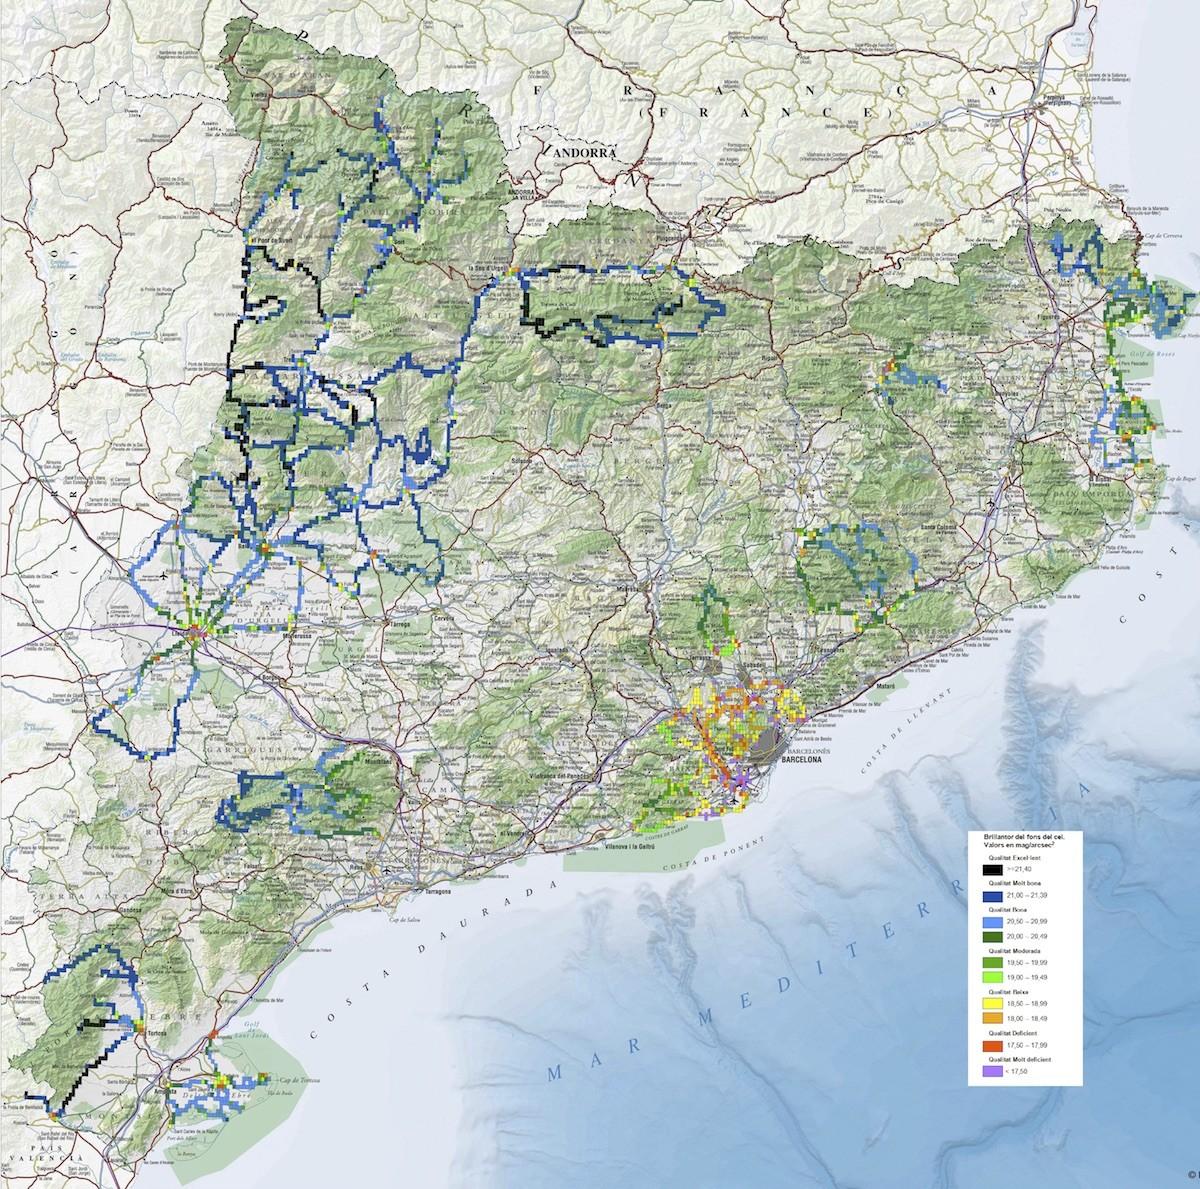 Mapa de la qualitat del cel de Catalunya. Els senyals negres i blau fosc són els de més qualitat.